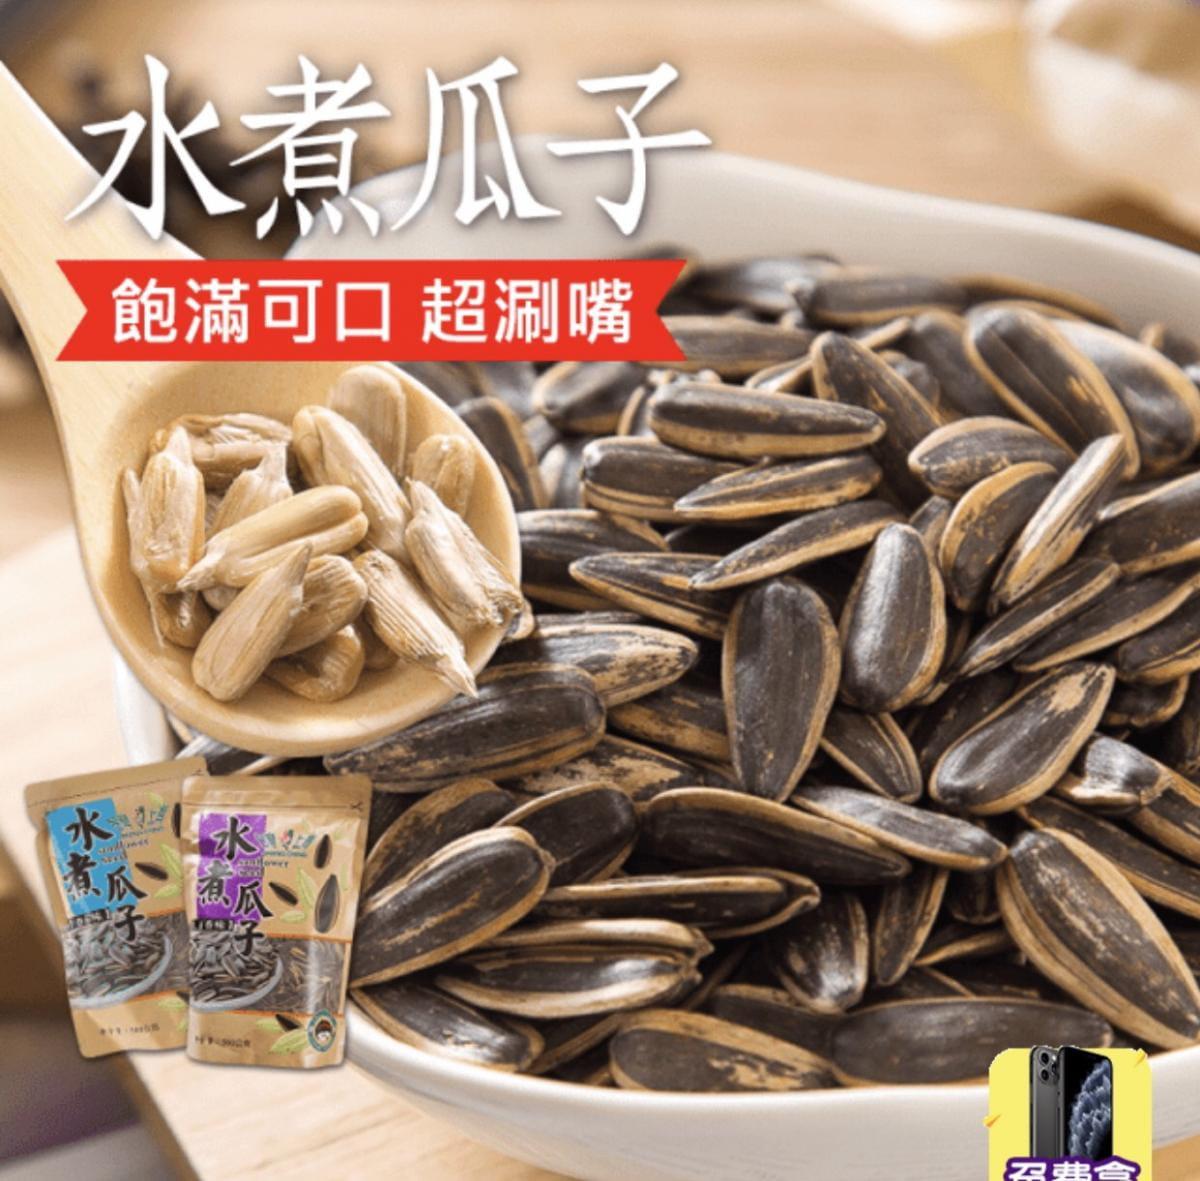 【台灣上青】網路爆紅的水煮瓜子500g(五種口味任選) 0